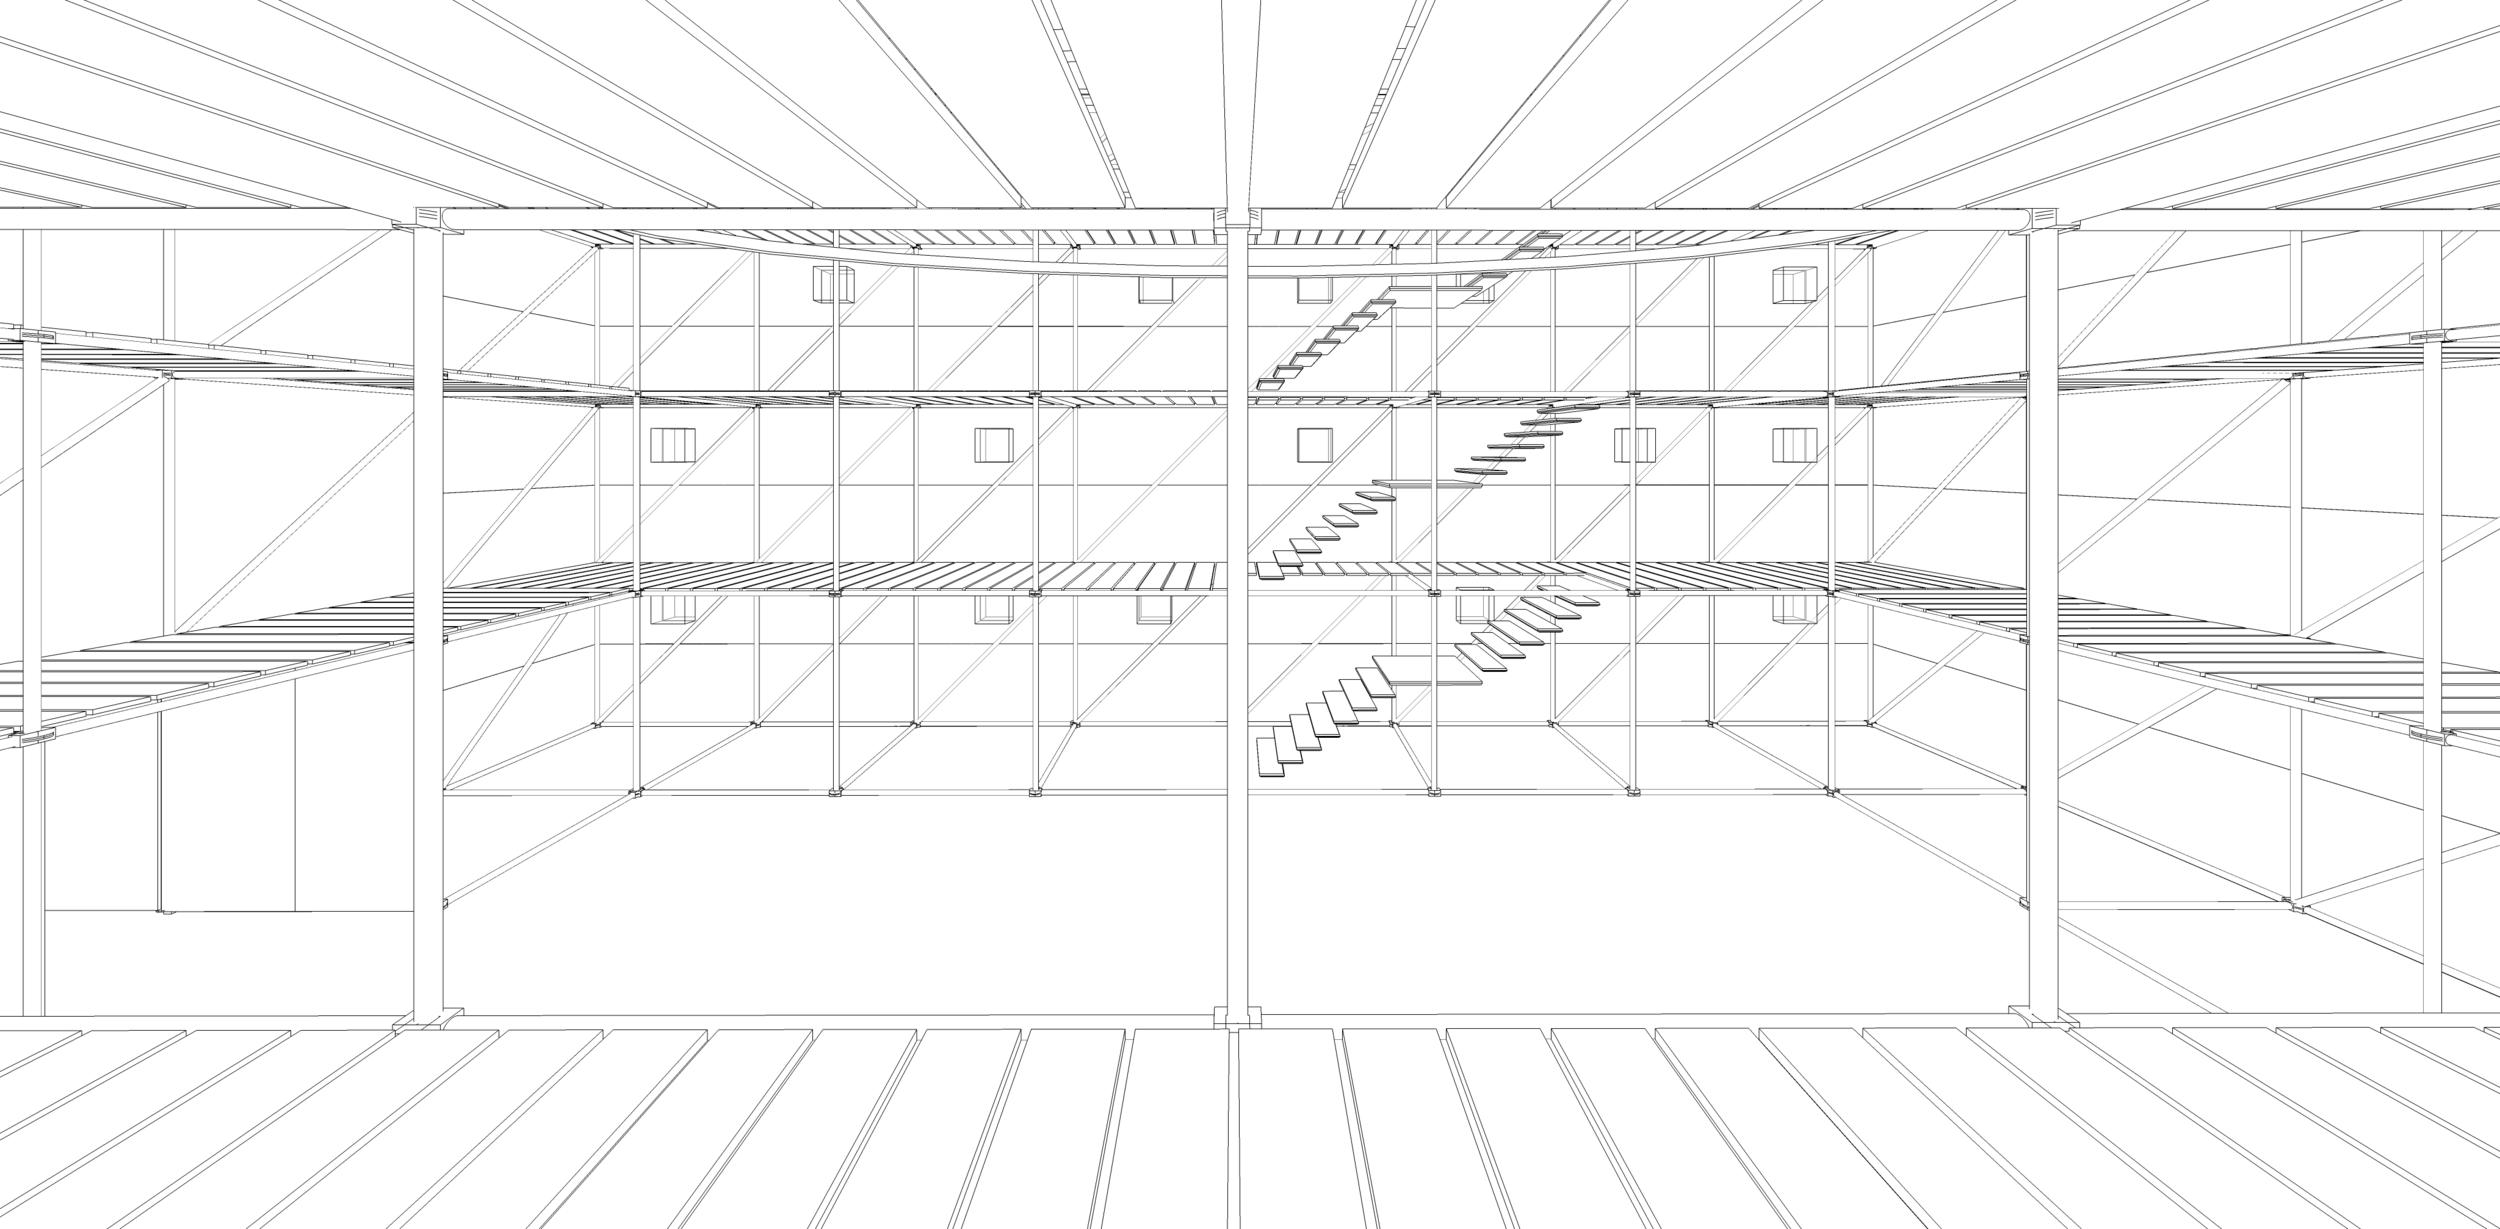 4 internal side elevation.png